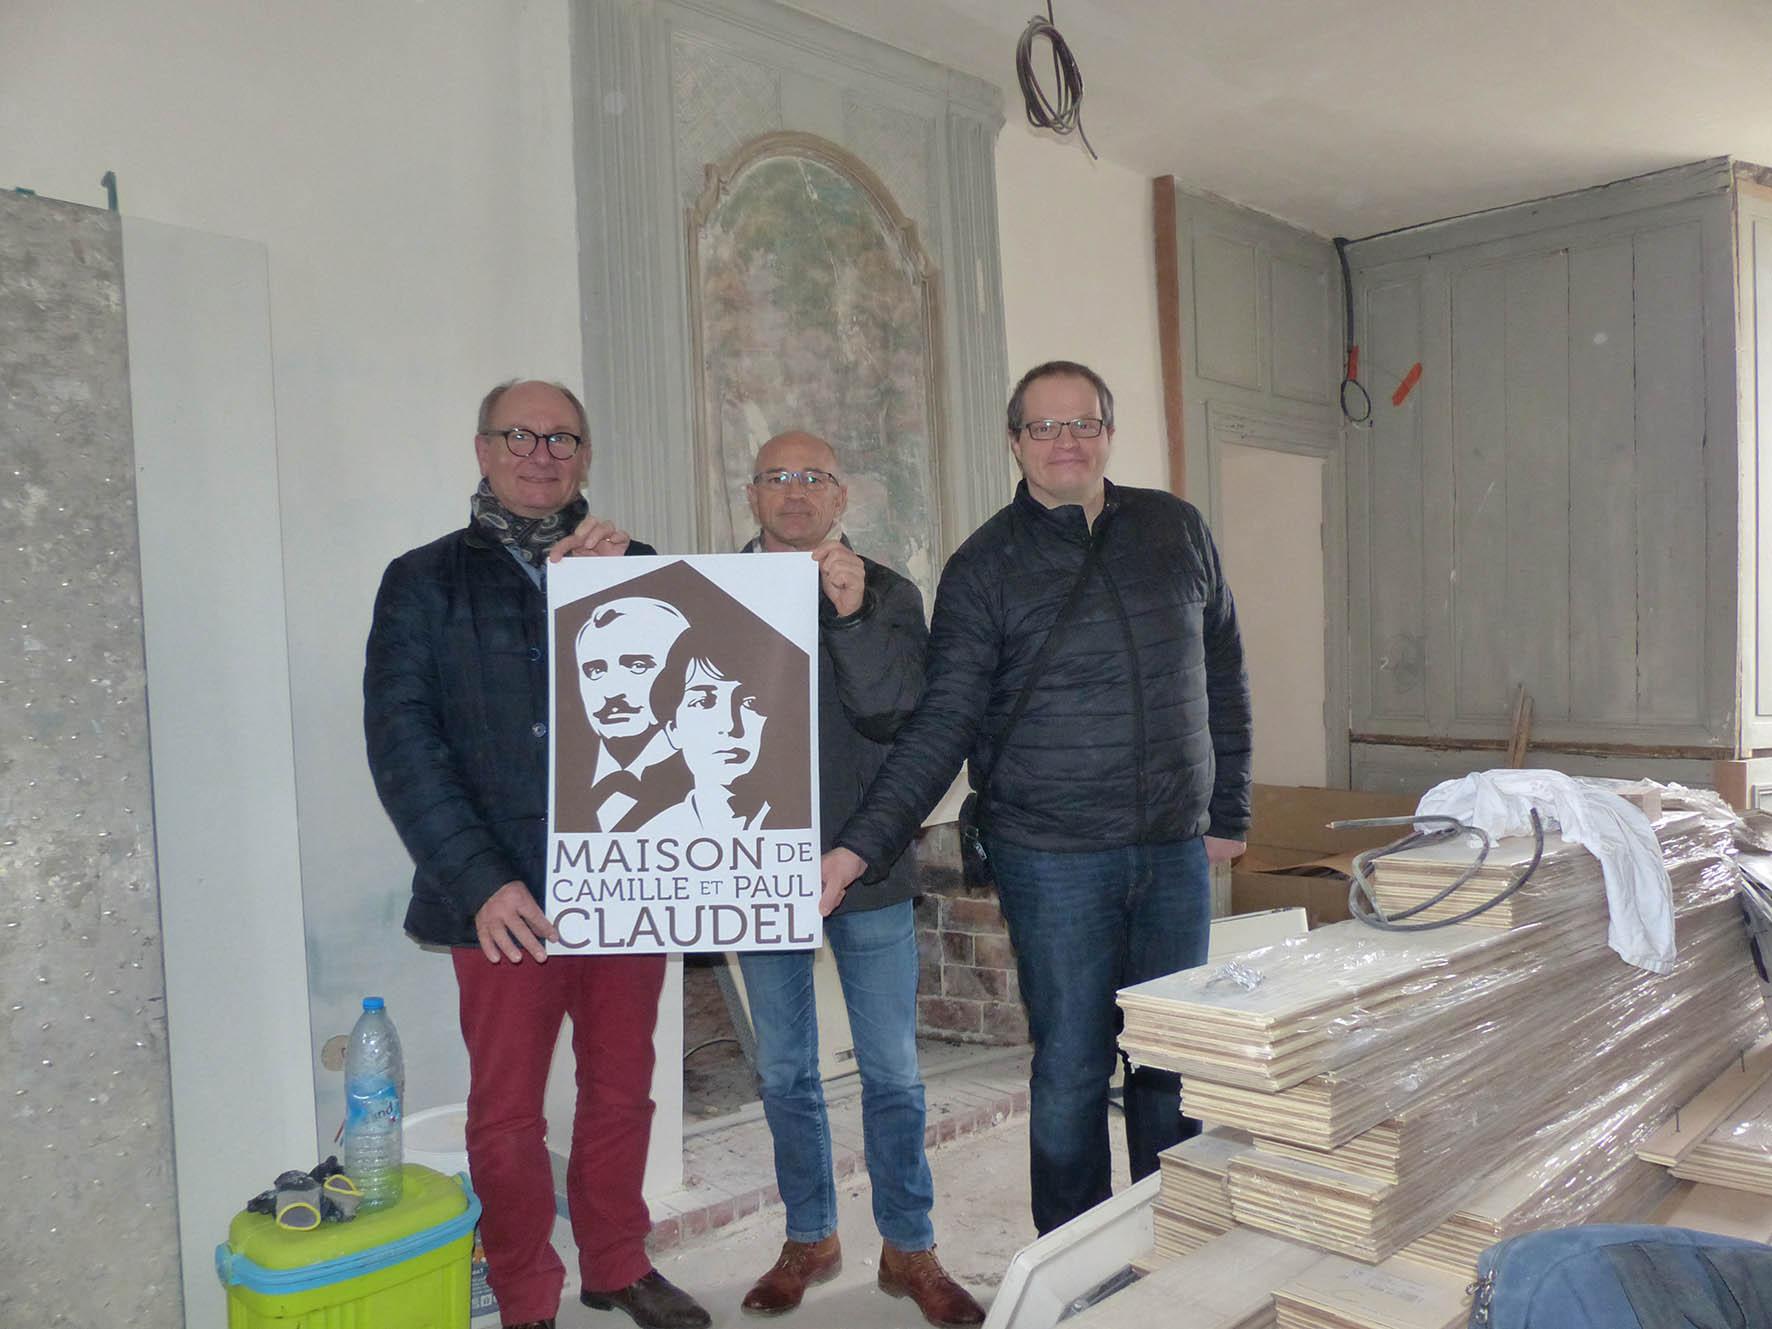 De gauche à droite : Etienne Haÿ, Jean-Luc Magnier et Thomas Bermudez présentent le logo conçu pour la Maison d'évocation.